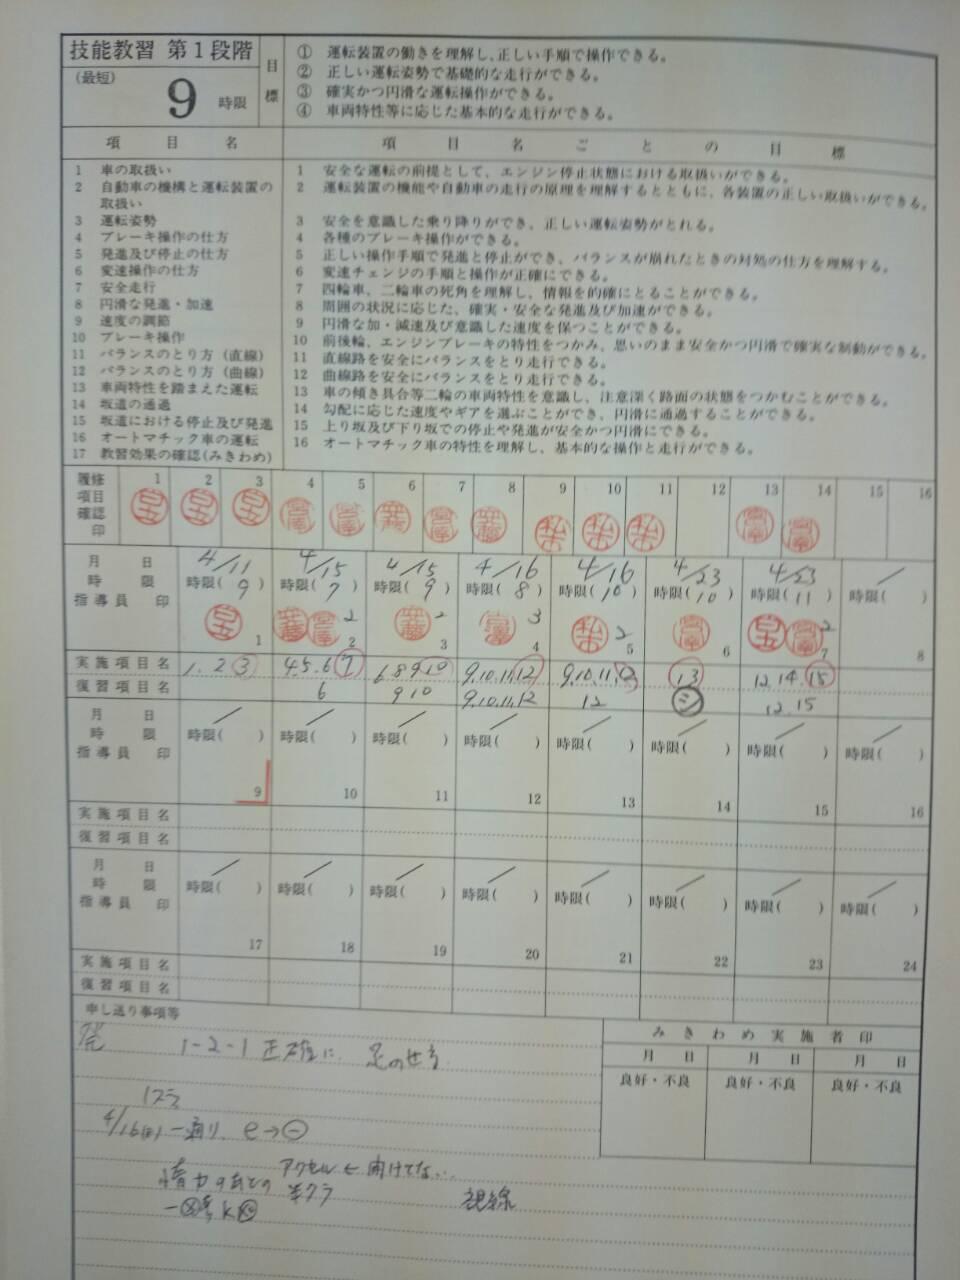 11809.jpg